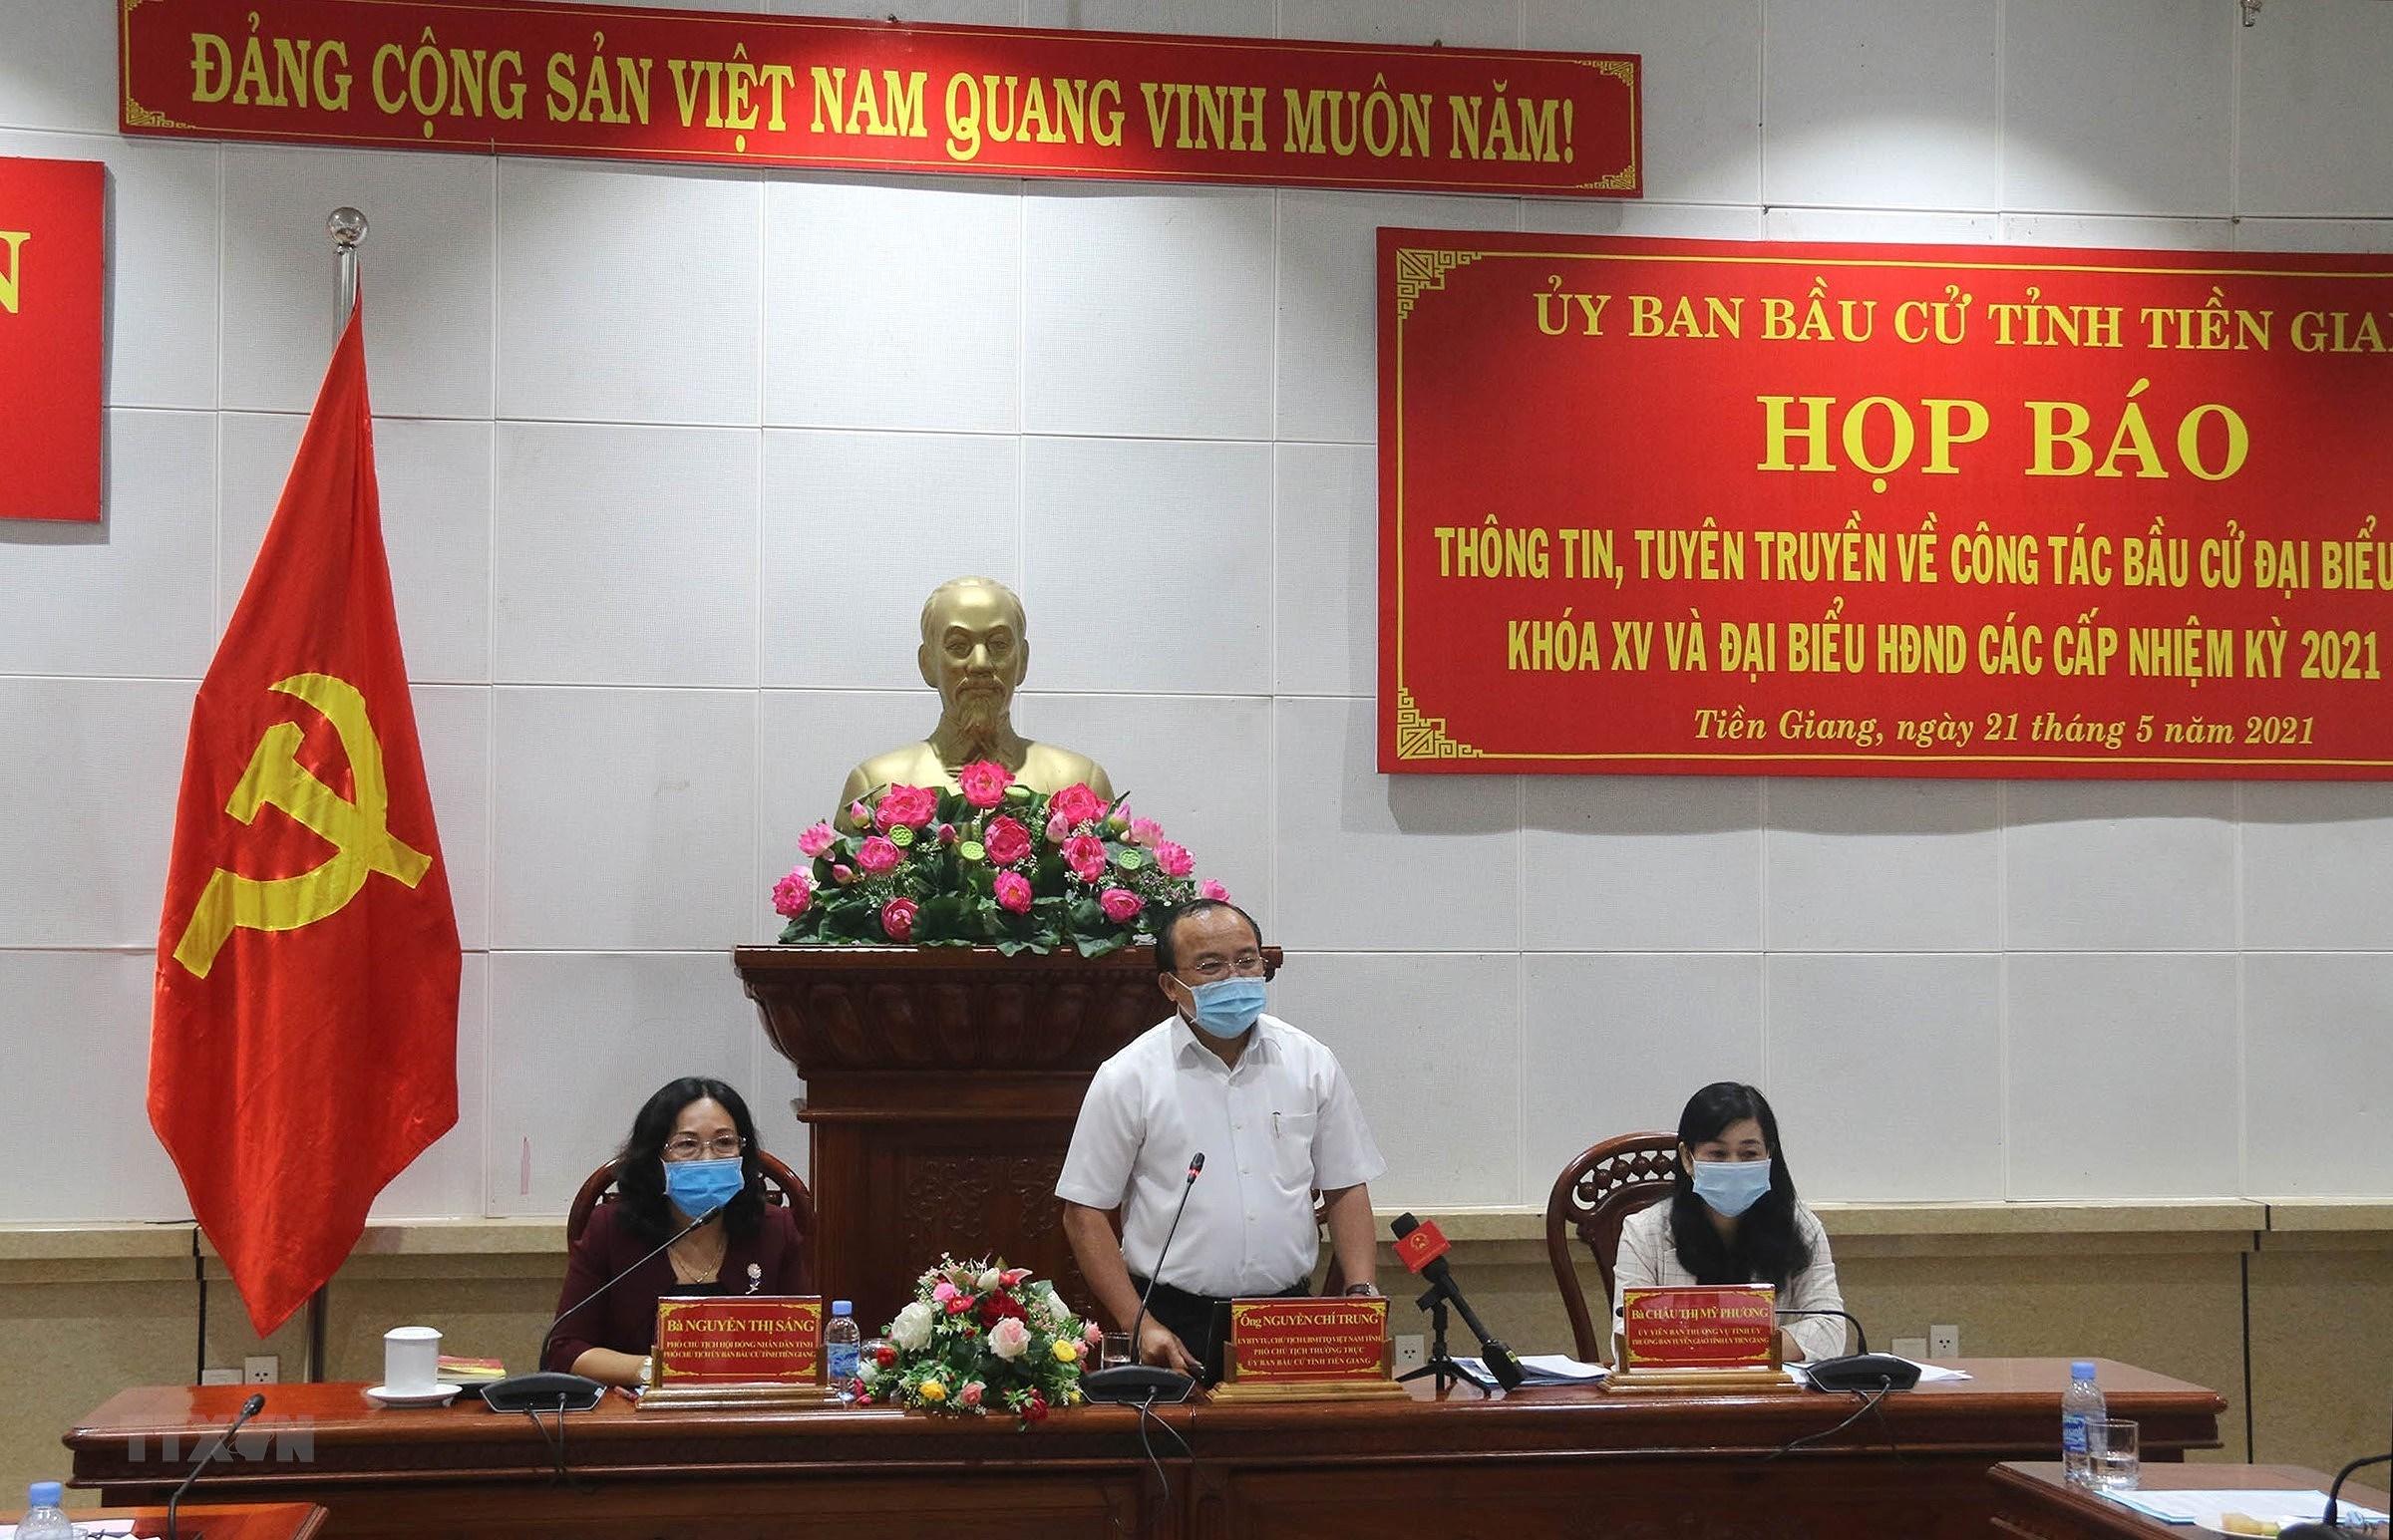 [Photo] Cao Bang, Dong Nai, Tien Giang san sang cho ngay hoi bau cu hinh anh 10